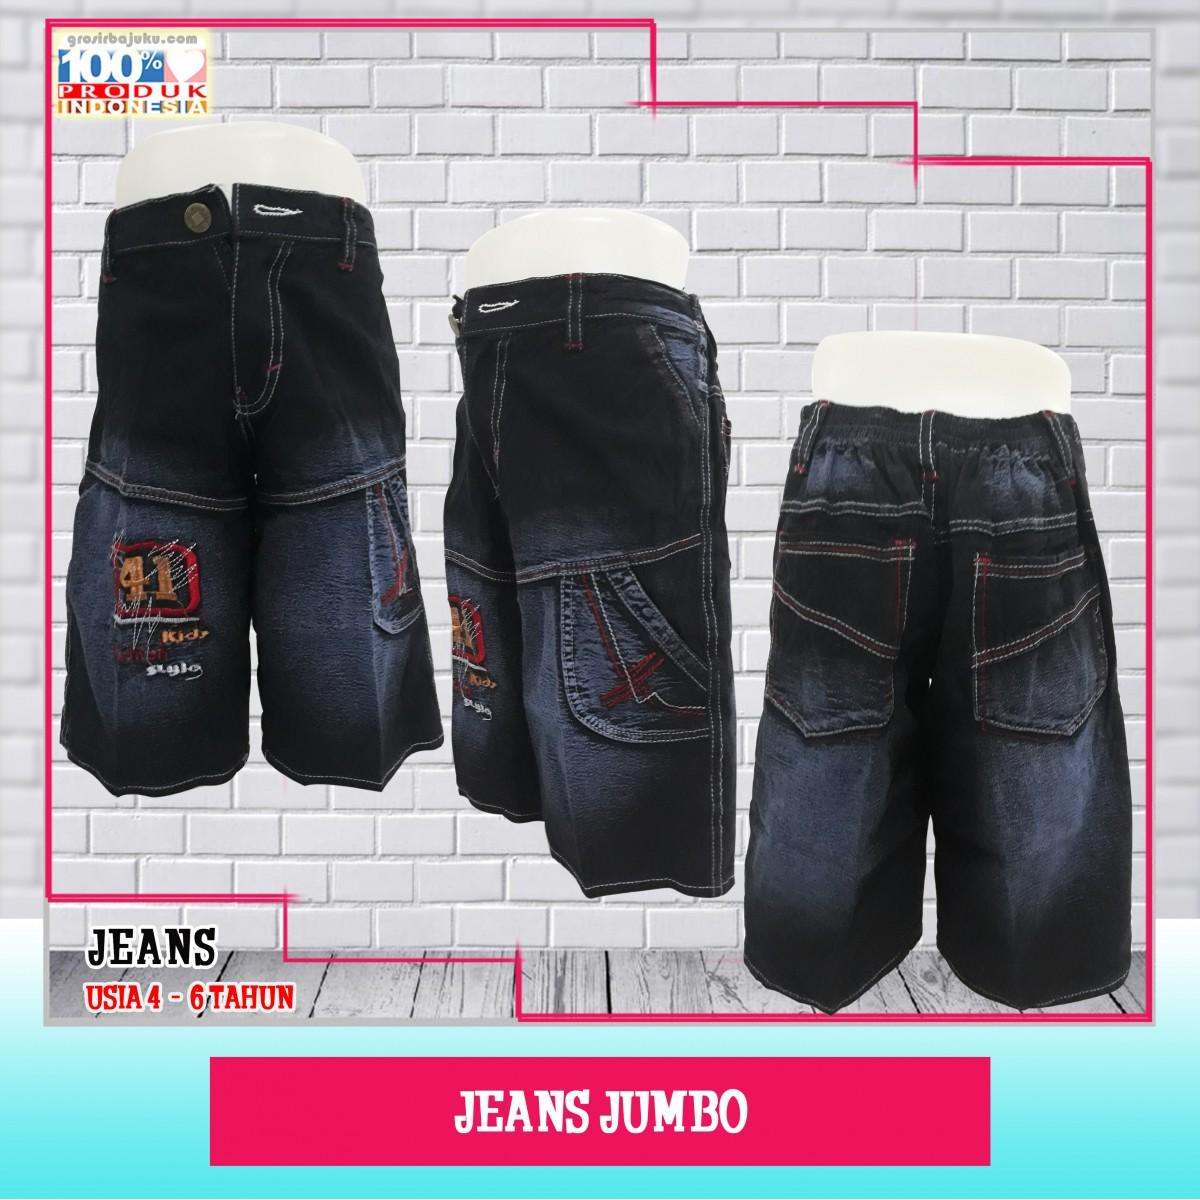 Pusat Grosir Baju Murah Solo Klewer 2019 Bisnis Jeans Jumbo Murah di Solo